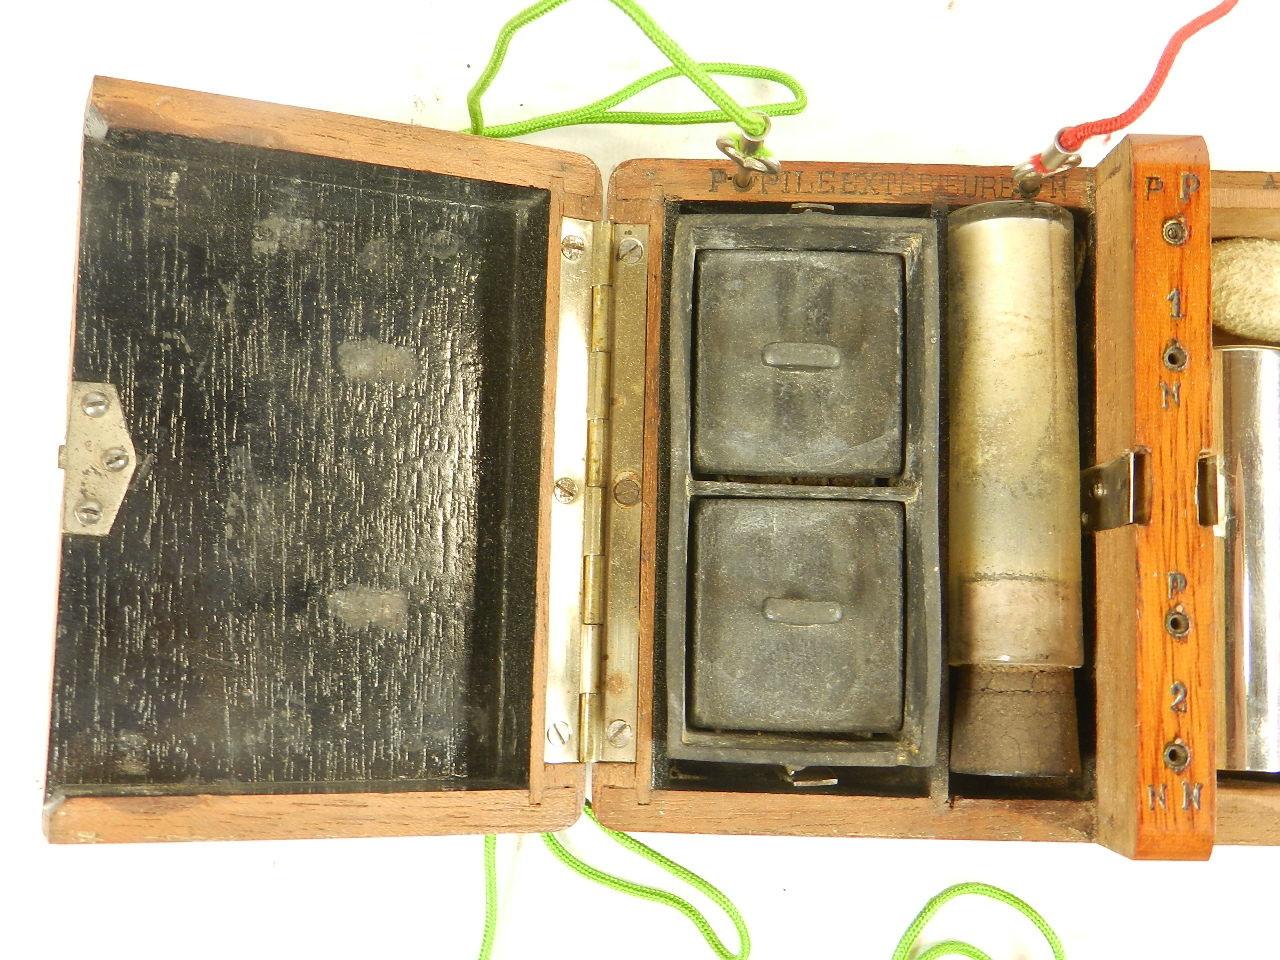 Imagen APARATO DE ELECTROSHOCK AÑO 1900 24405